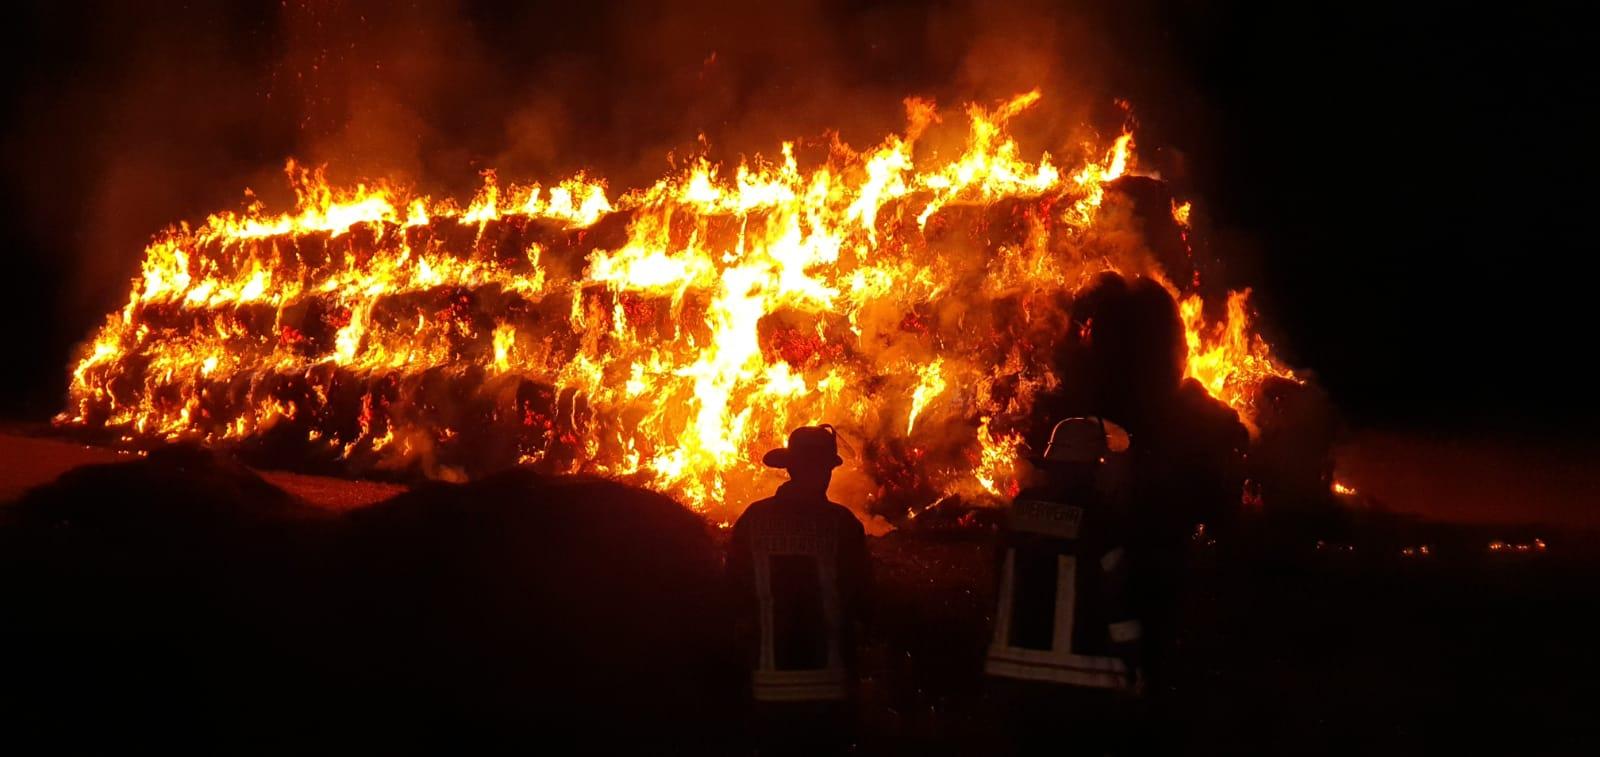 Strohmietenbrand in Langst-Kierst am 15.09.2019